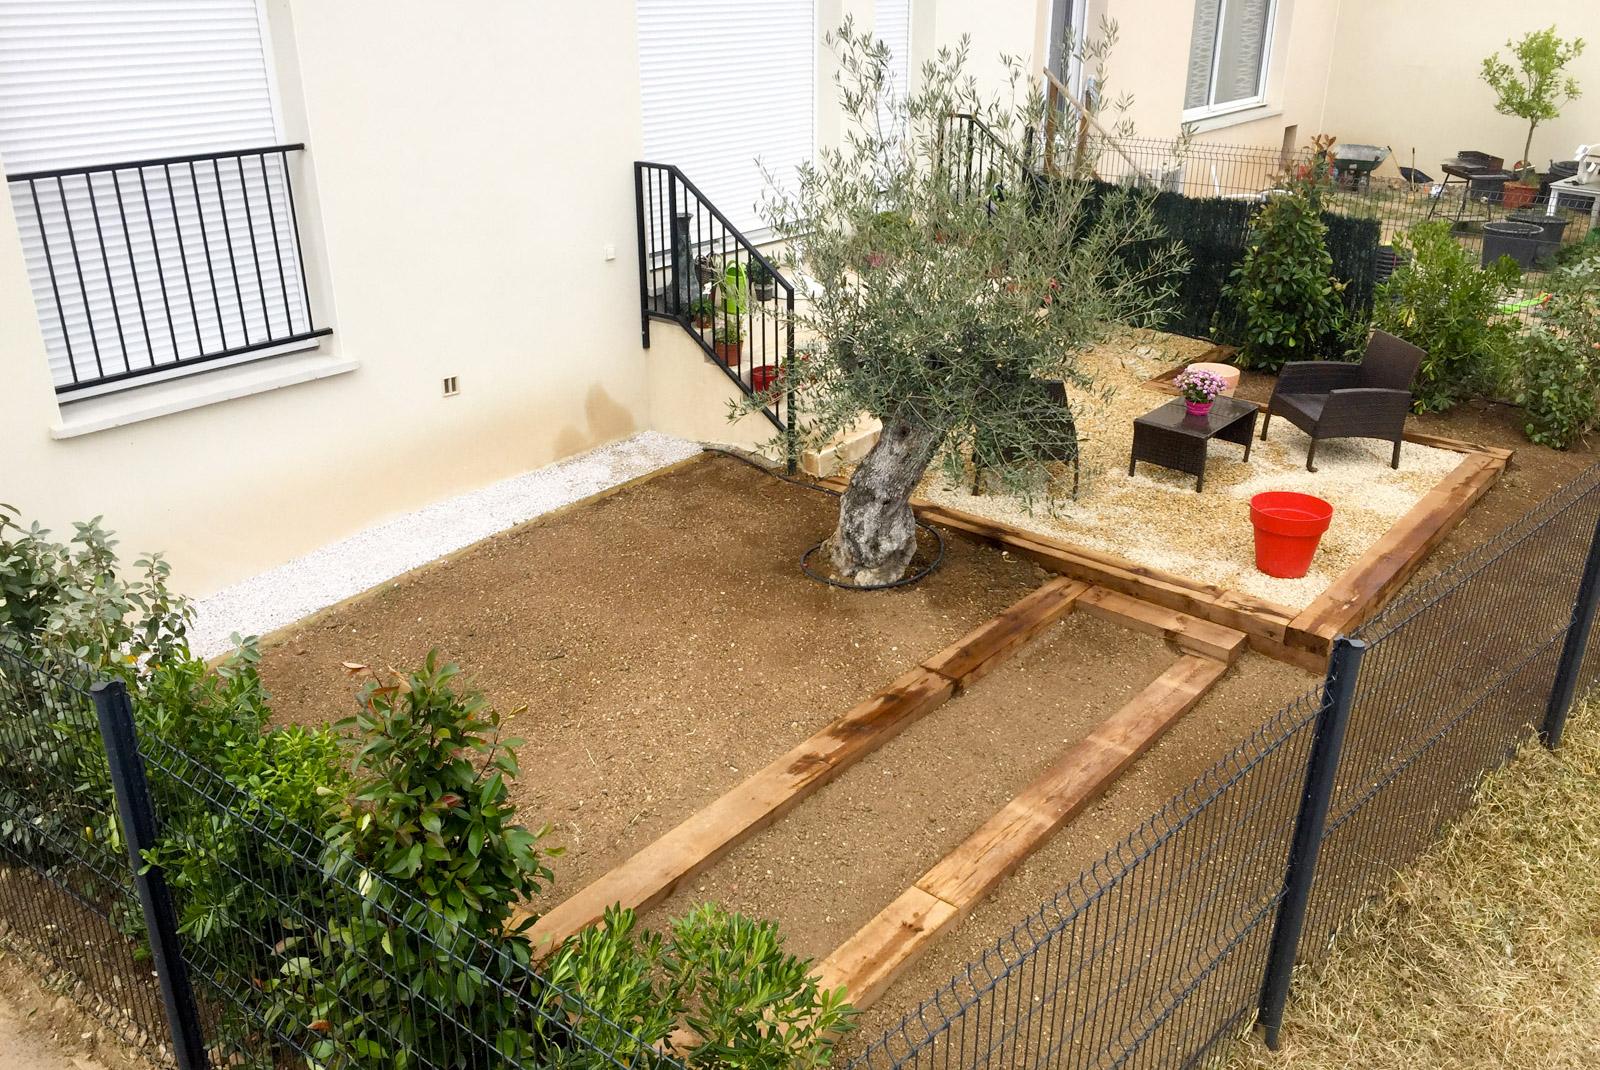 Création de votre jardin et vos espaces verts selon vos envies